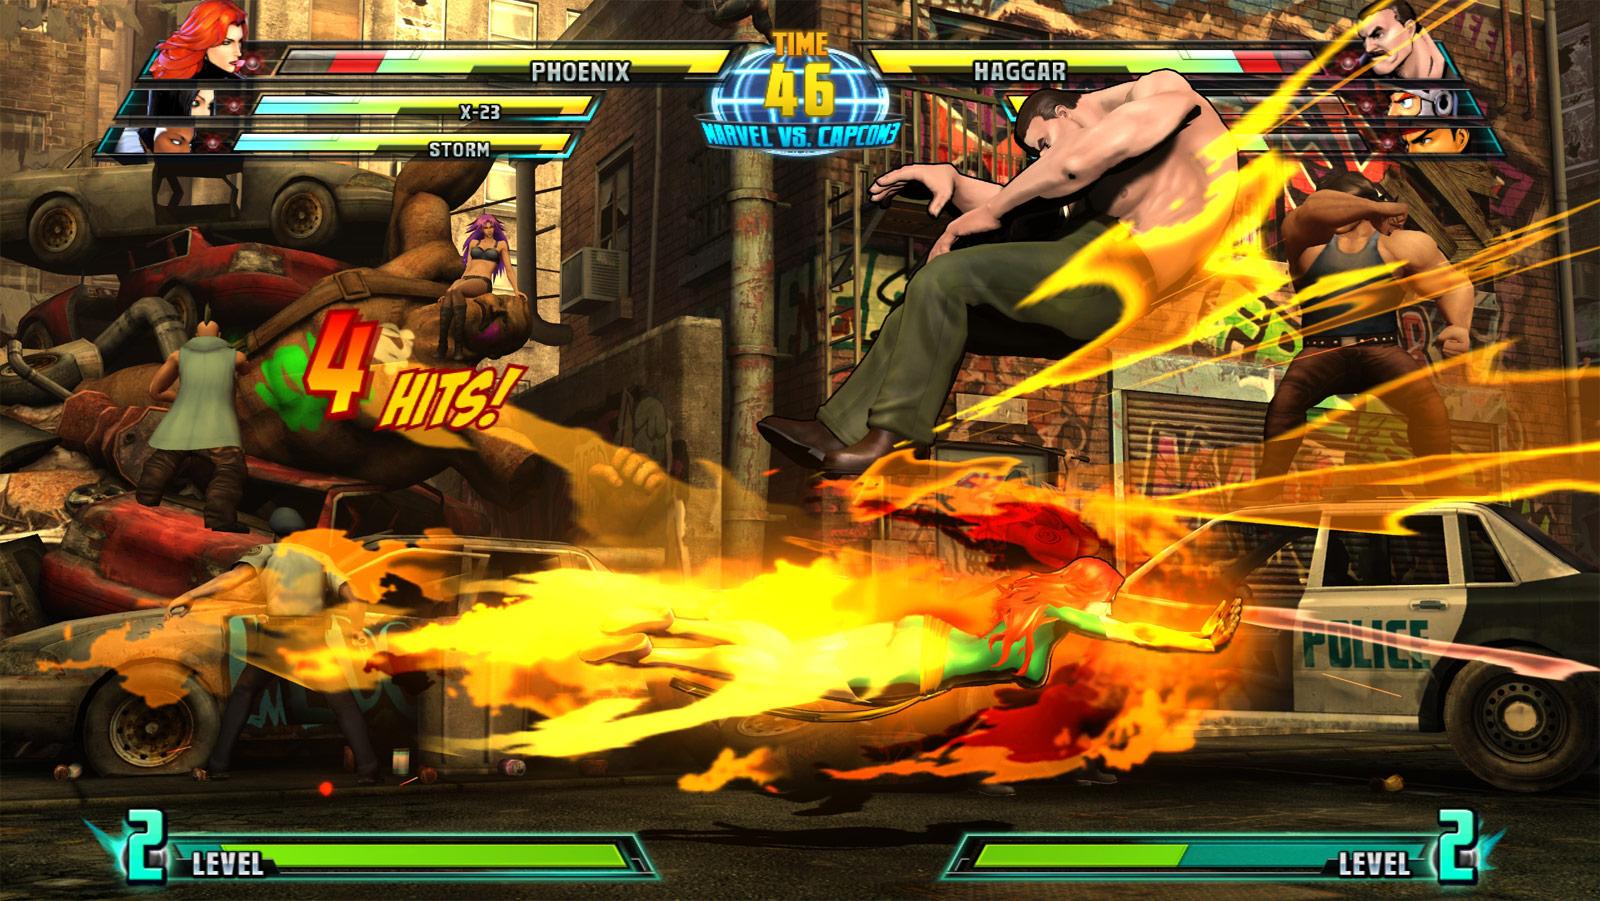 Phoenix and Haggar screen shots for Marvel vs. Capcom 3 #12